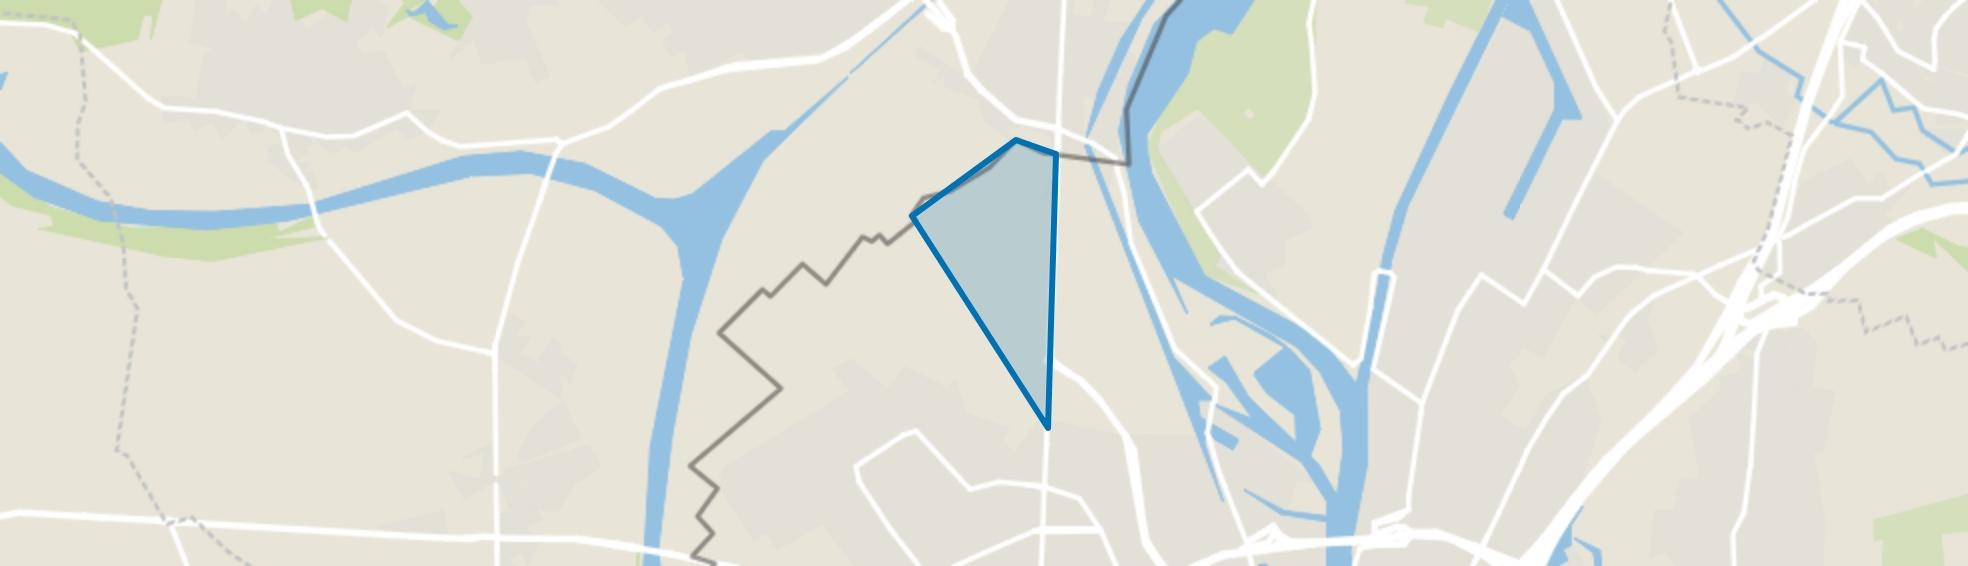 Lanakerveld, Maastricht map